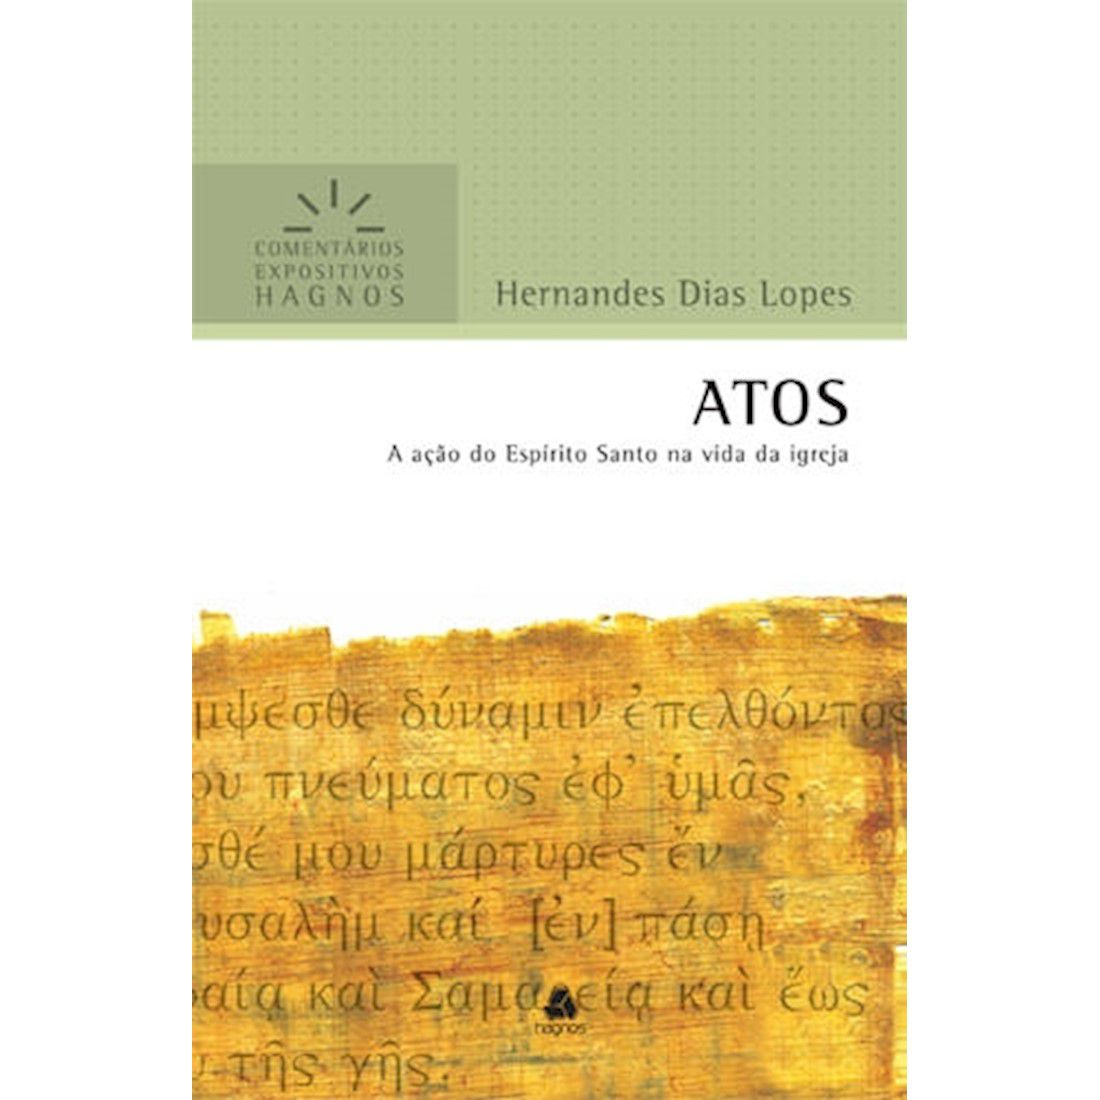 Livro Atos | Comentários Expositivos Hagnos